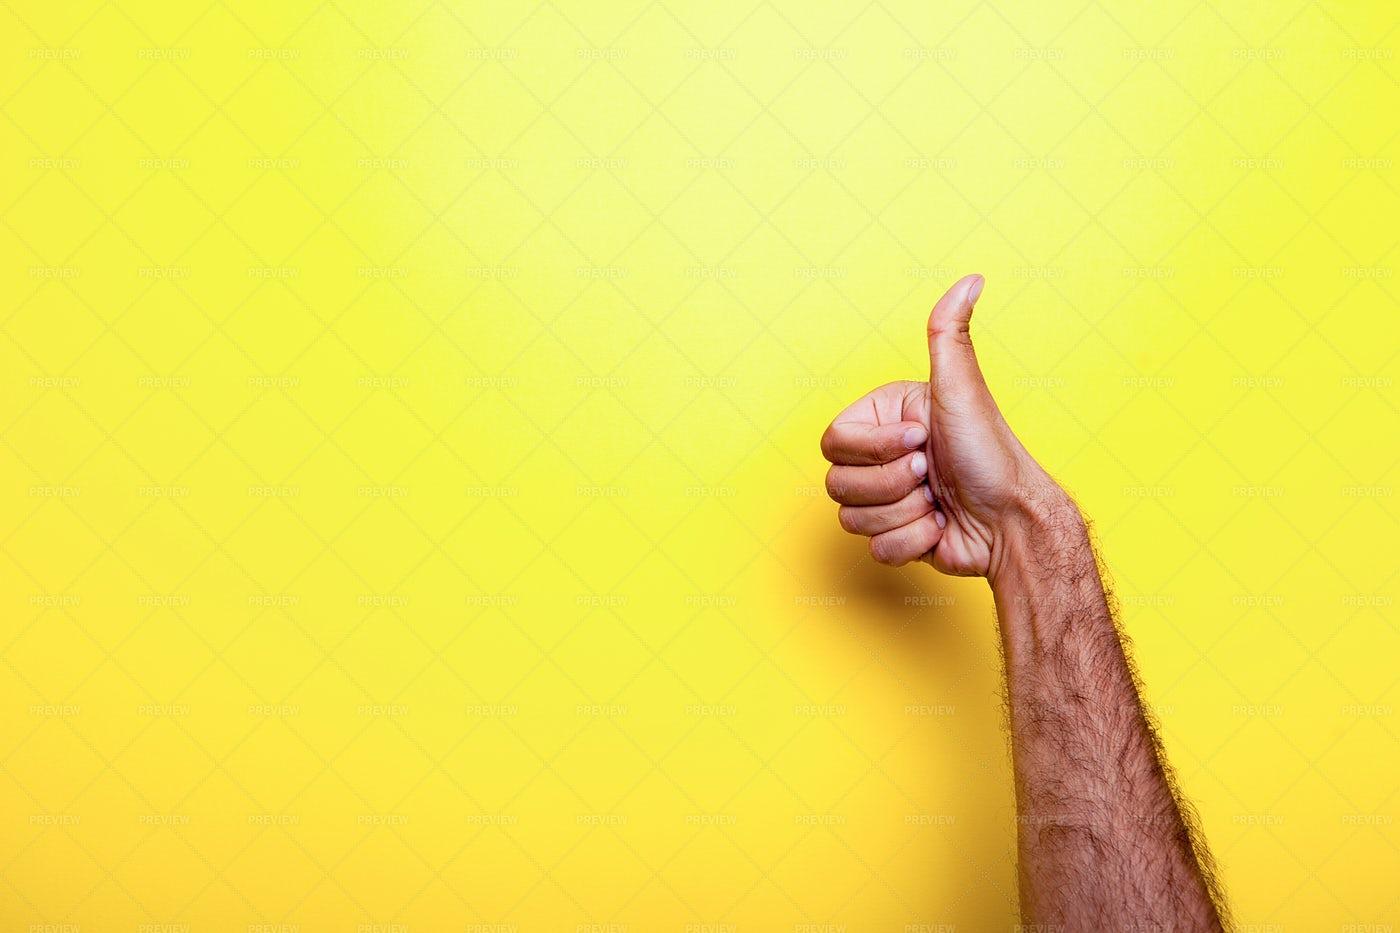 Thumbs Up: Stock Photos